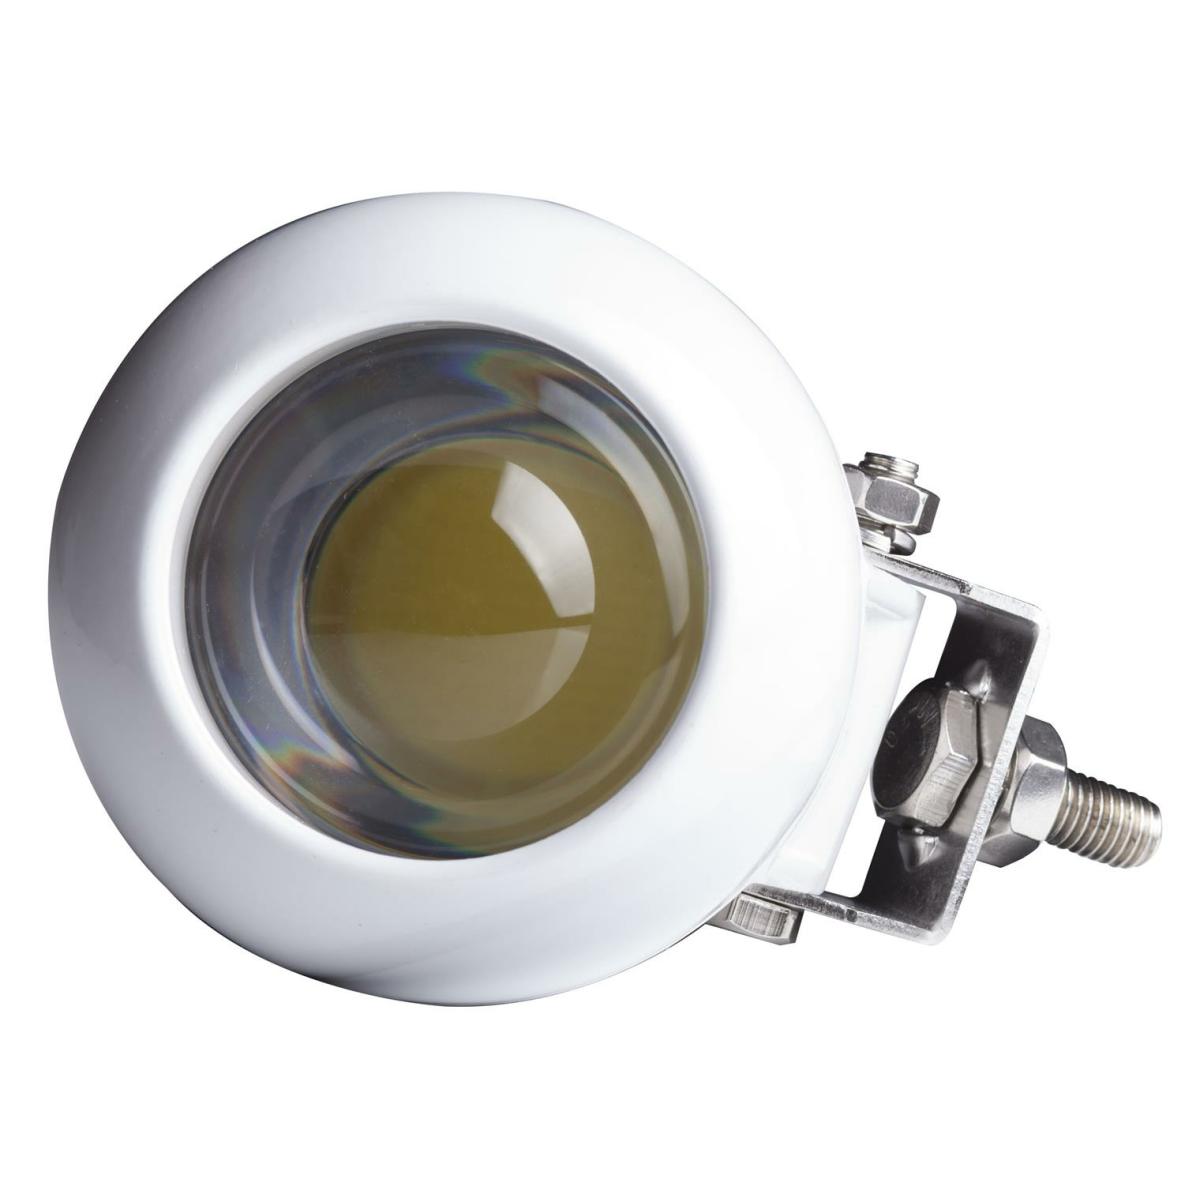 LED Arbeitsscheinwerfer LY8015C 12V 24V rund weiß